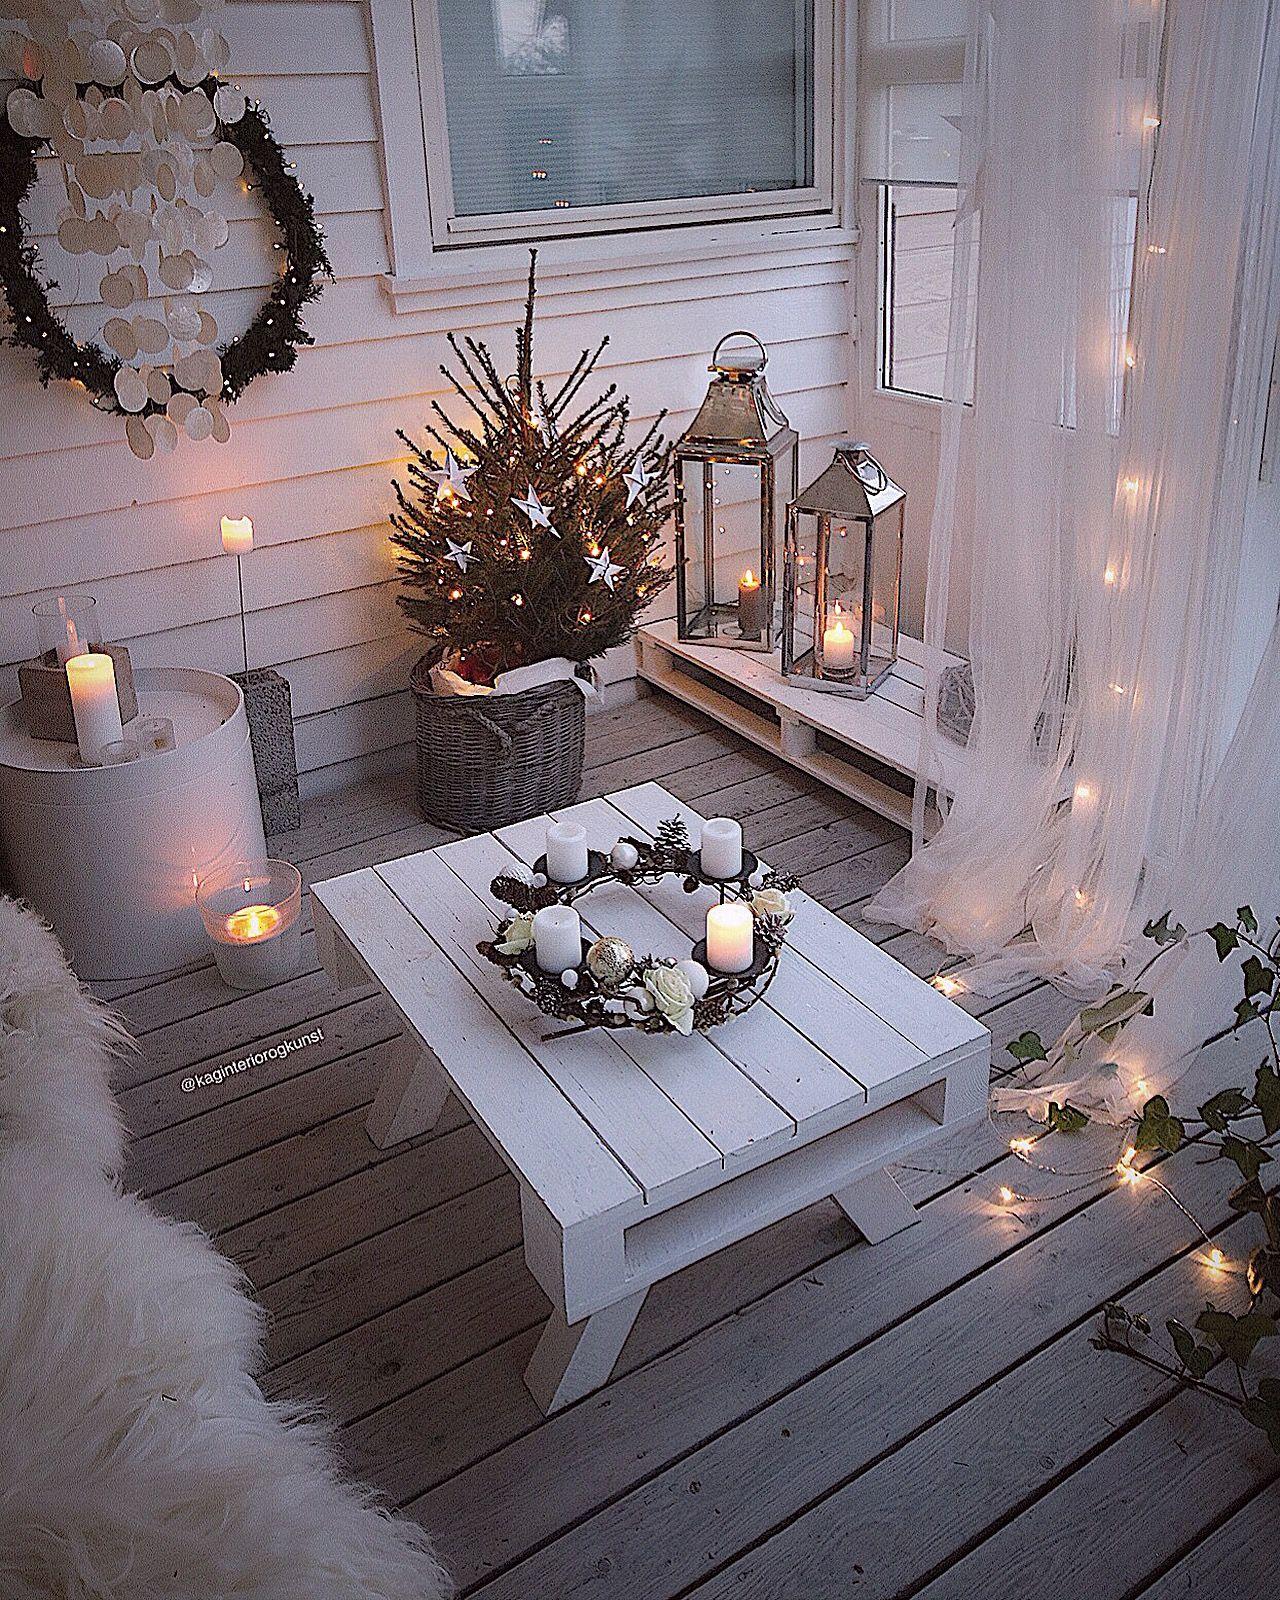 Pin von tammy hooks auf christmas more pinterest dekoration wohnung dekoration und balkon for Gunstige dekoration wohnung